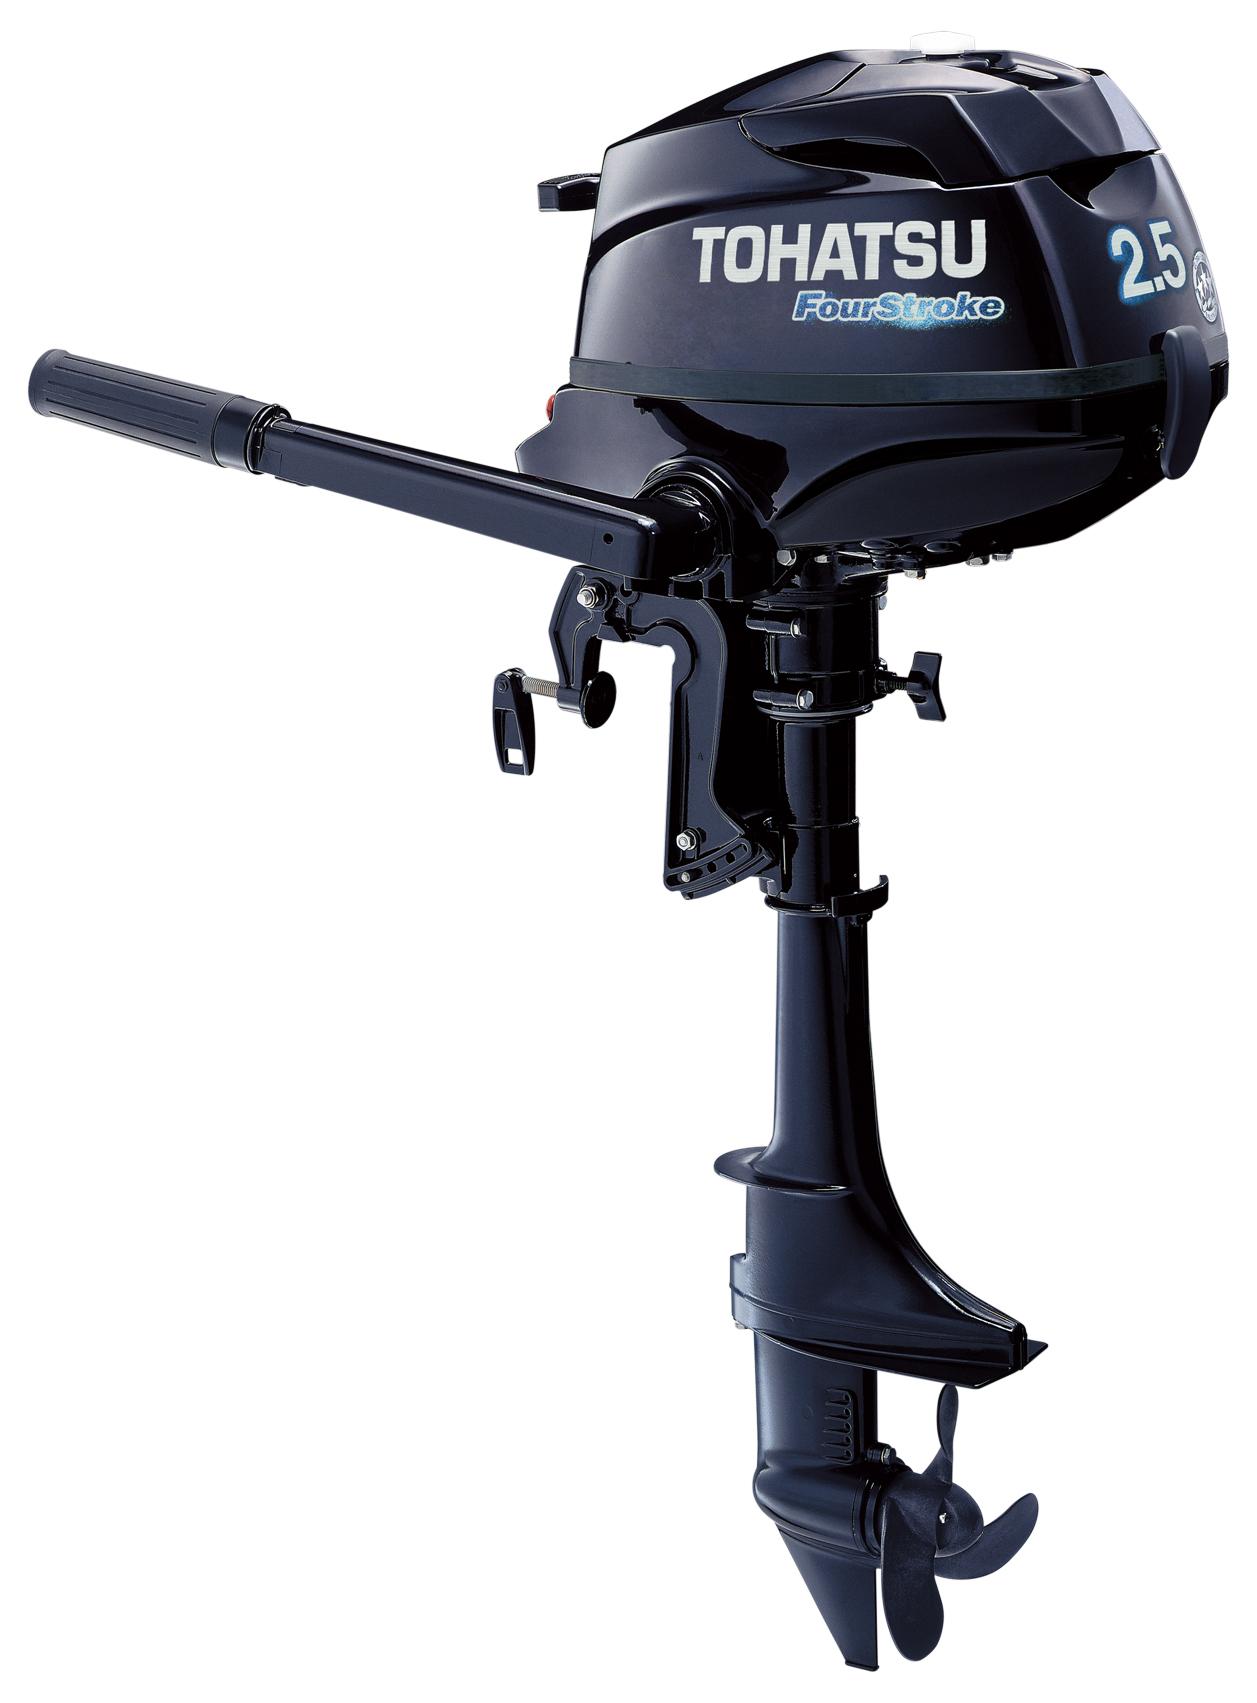 2016 Tohatsu 2 5 Hp 4 Stroke Outboard Motor Tiller 15